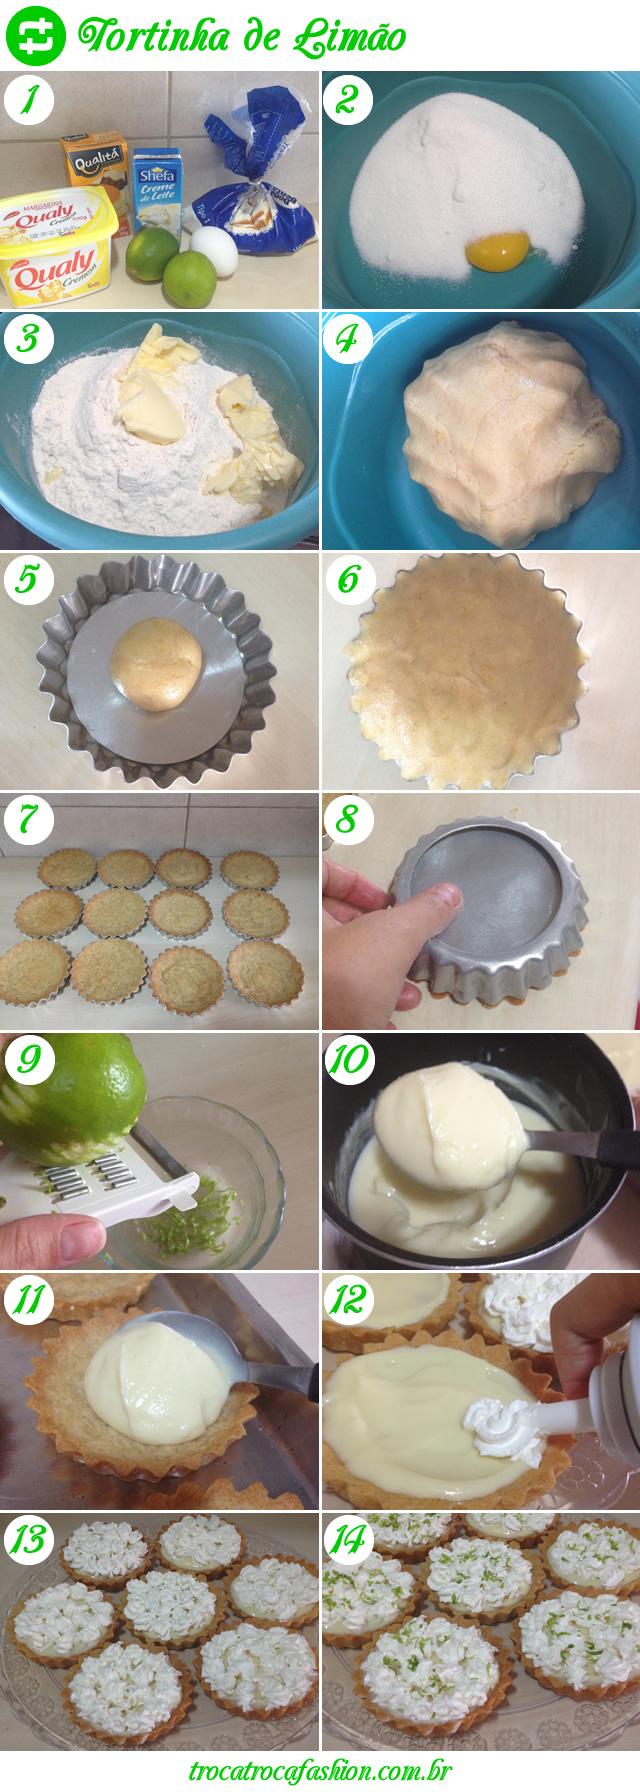 receita-torta-de-limão